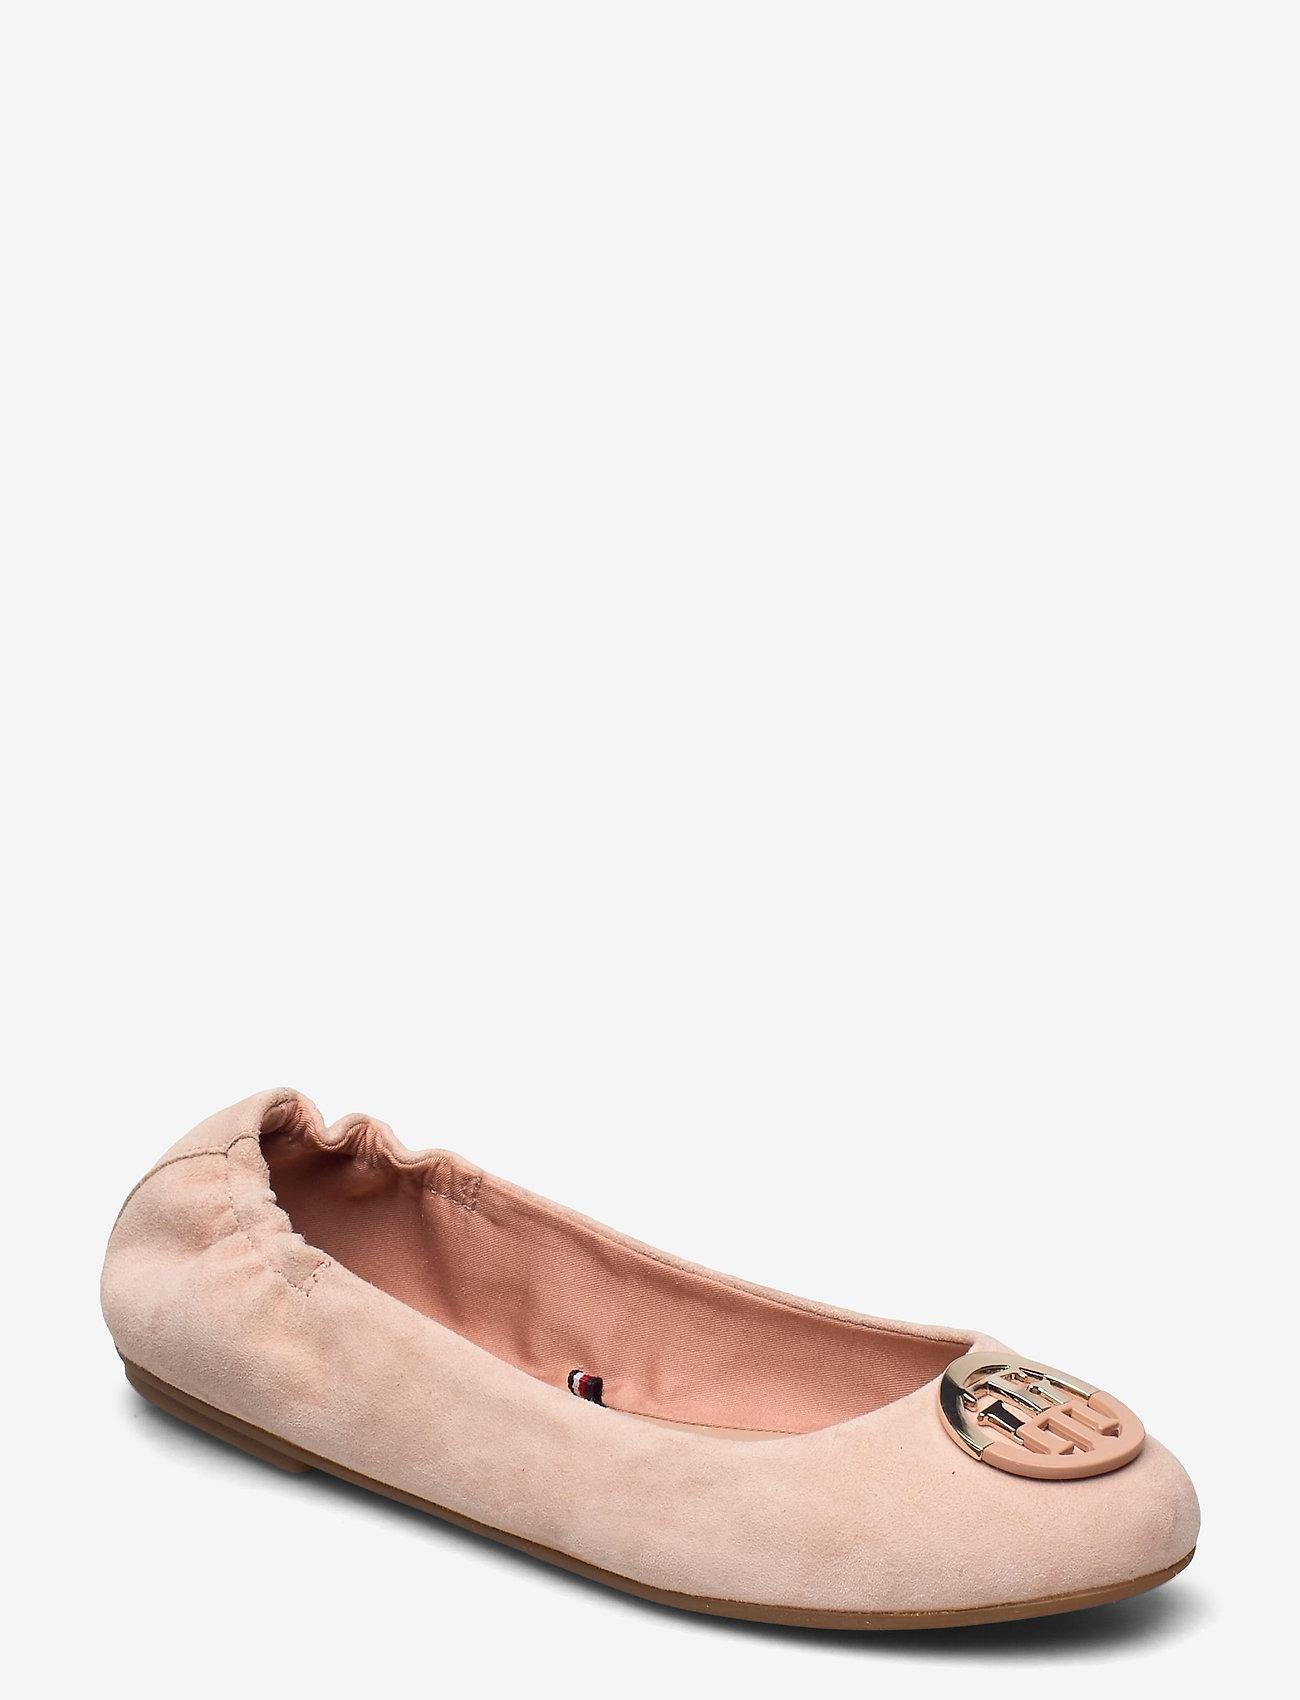 Tommy Hilfiger - ESSENTIAL HARDWARE BALLERINA - ballerinas - sandbank - 0